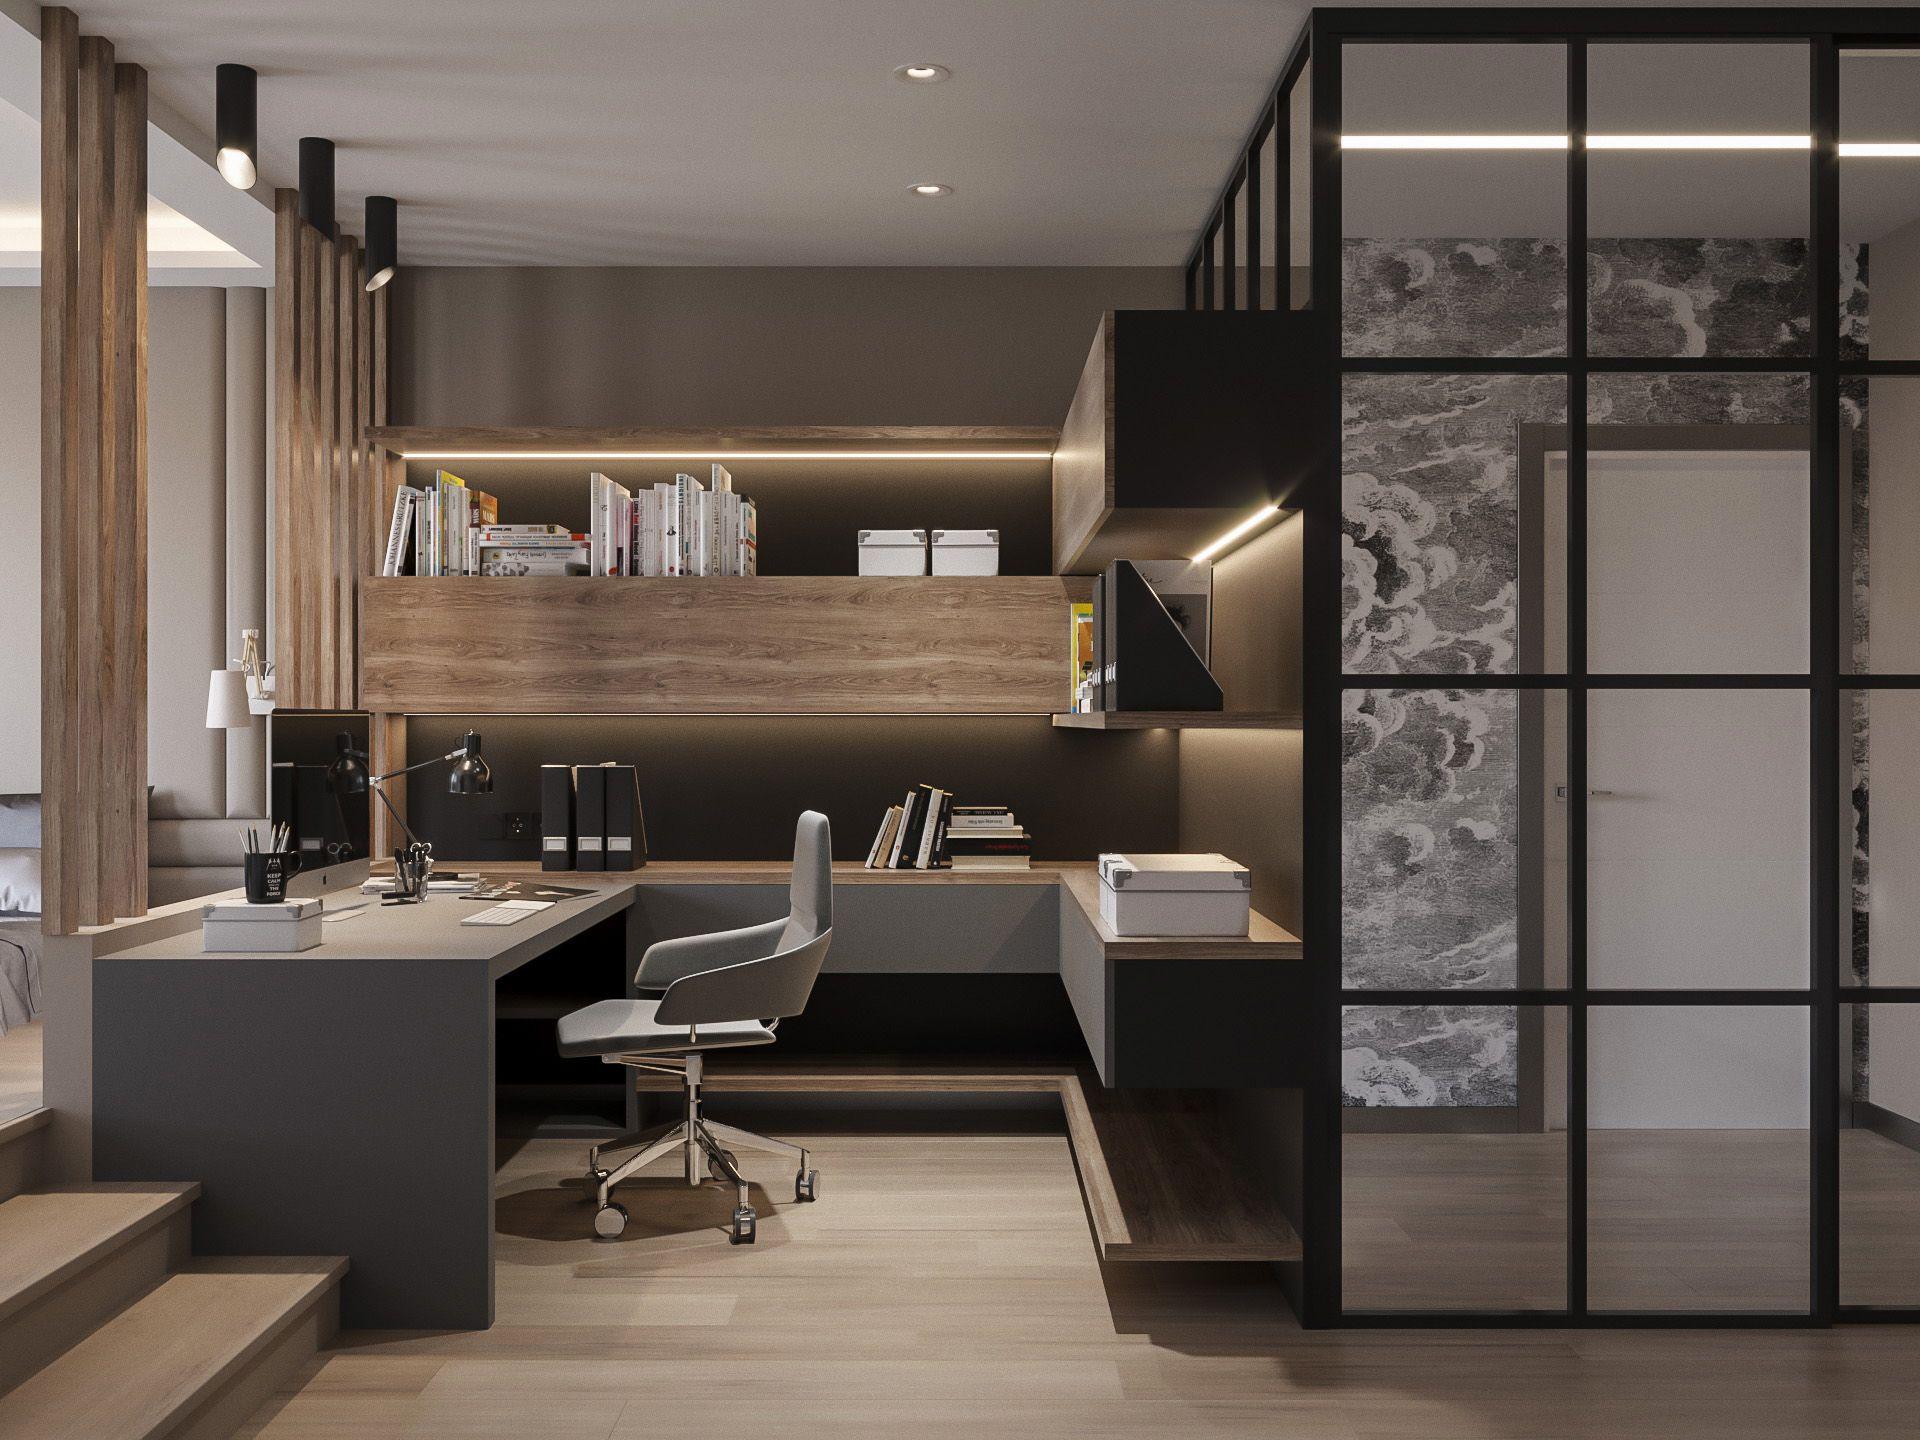 59776a1a4e8fa Jpeg 1 920 1 440 Pixels Office Interior Design Modern Office Design Home Office Design